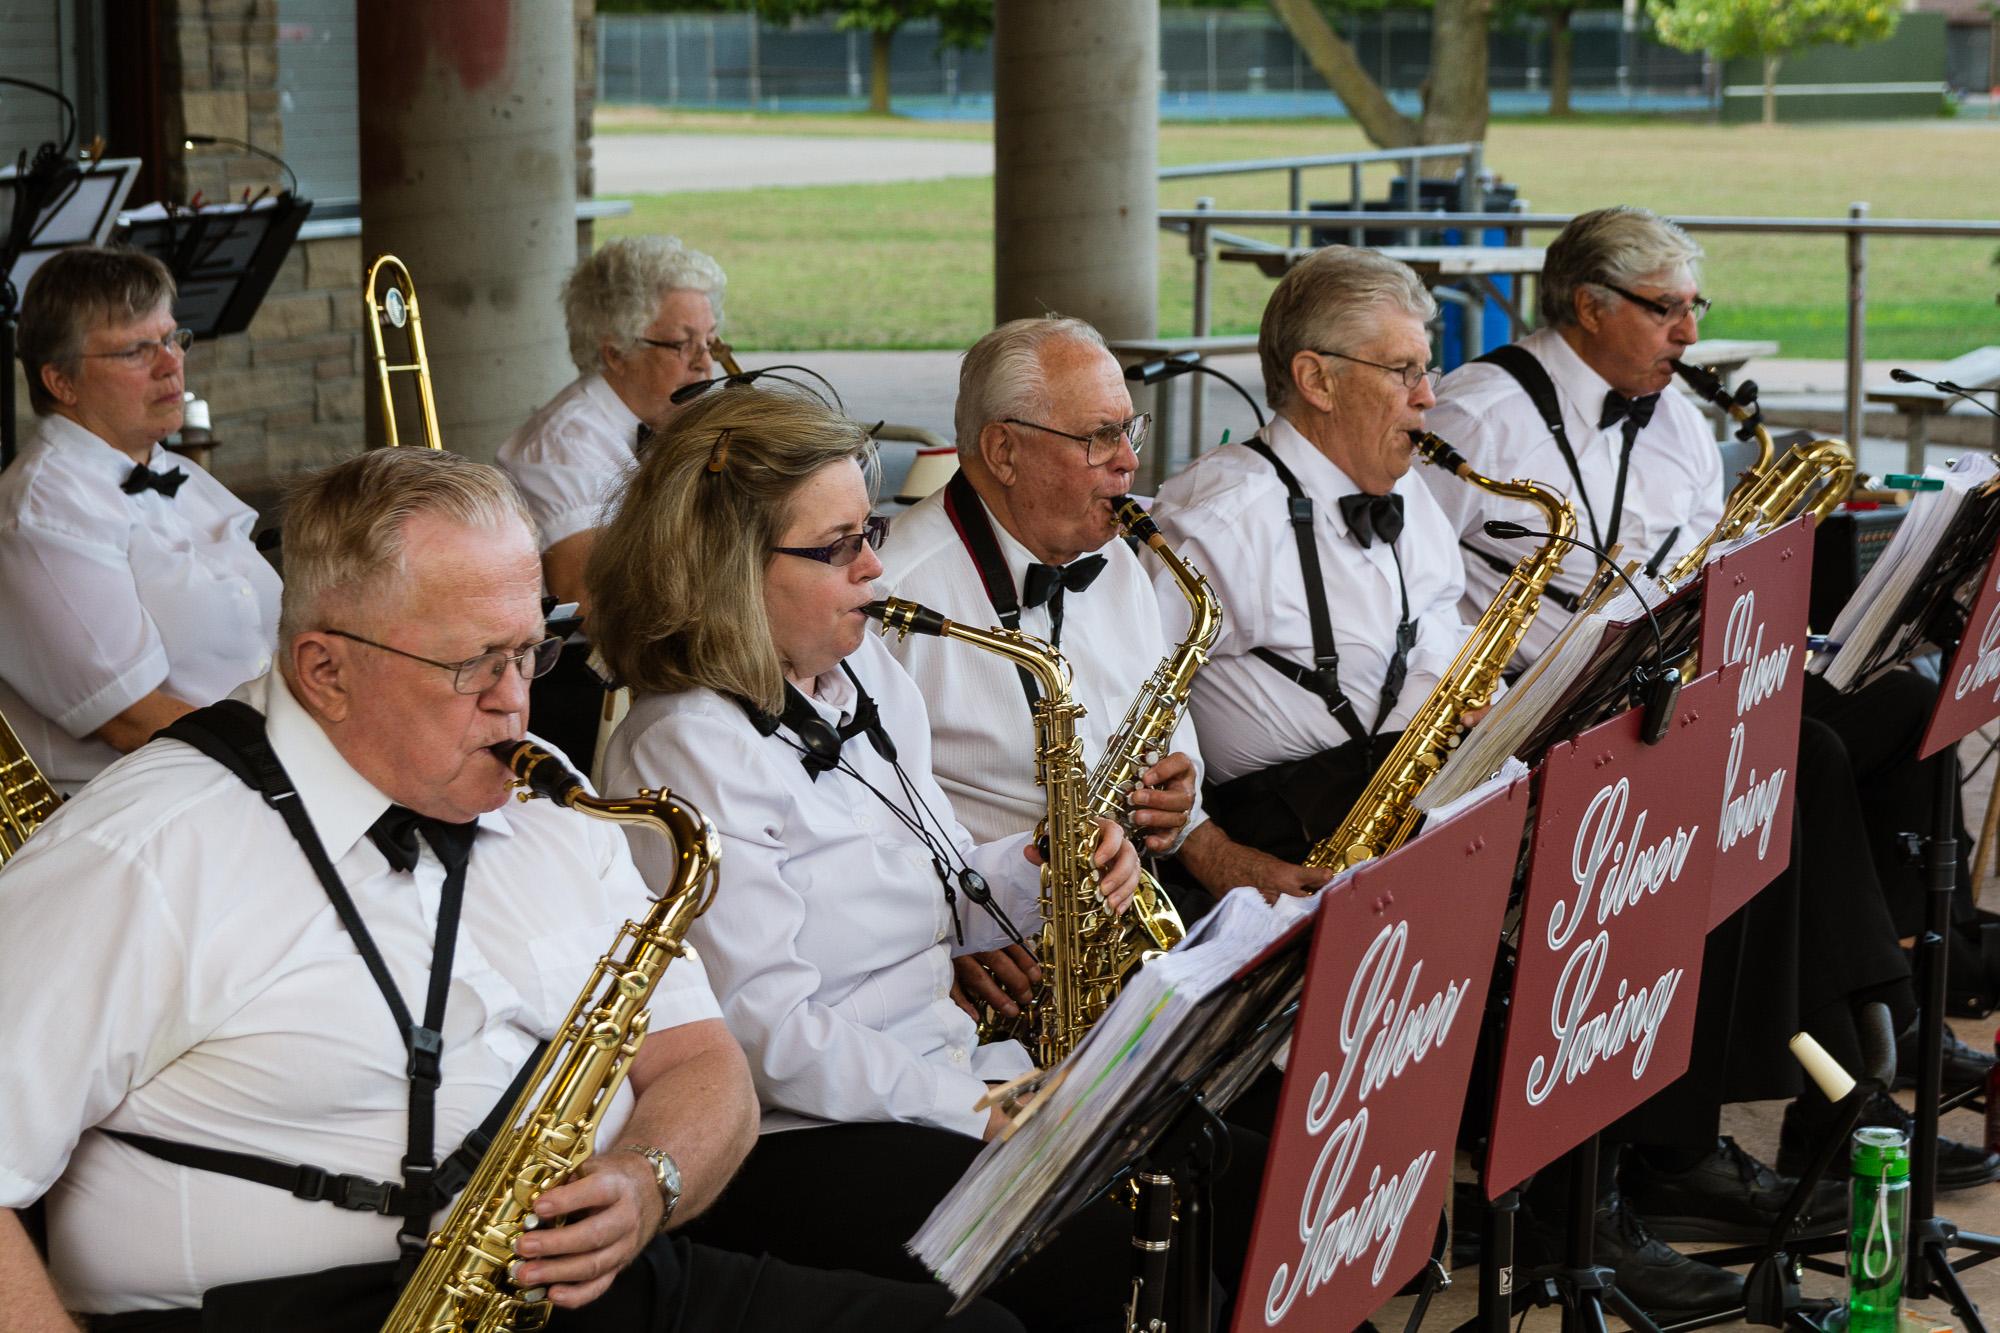 Saxophones - John Thombs, Cindy Gollinger, Rudy Wasylenky, Ian McNaughton and Roger Girard_